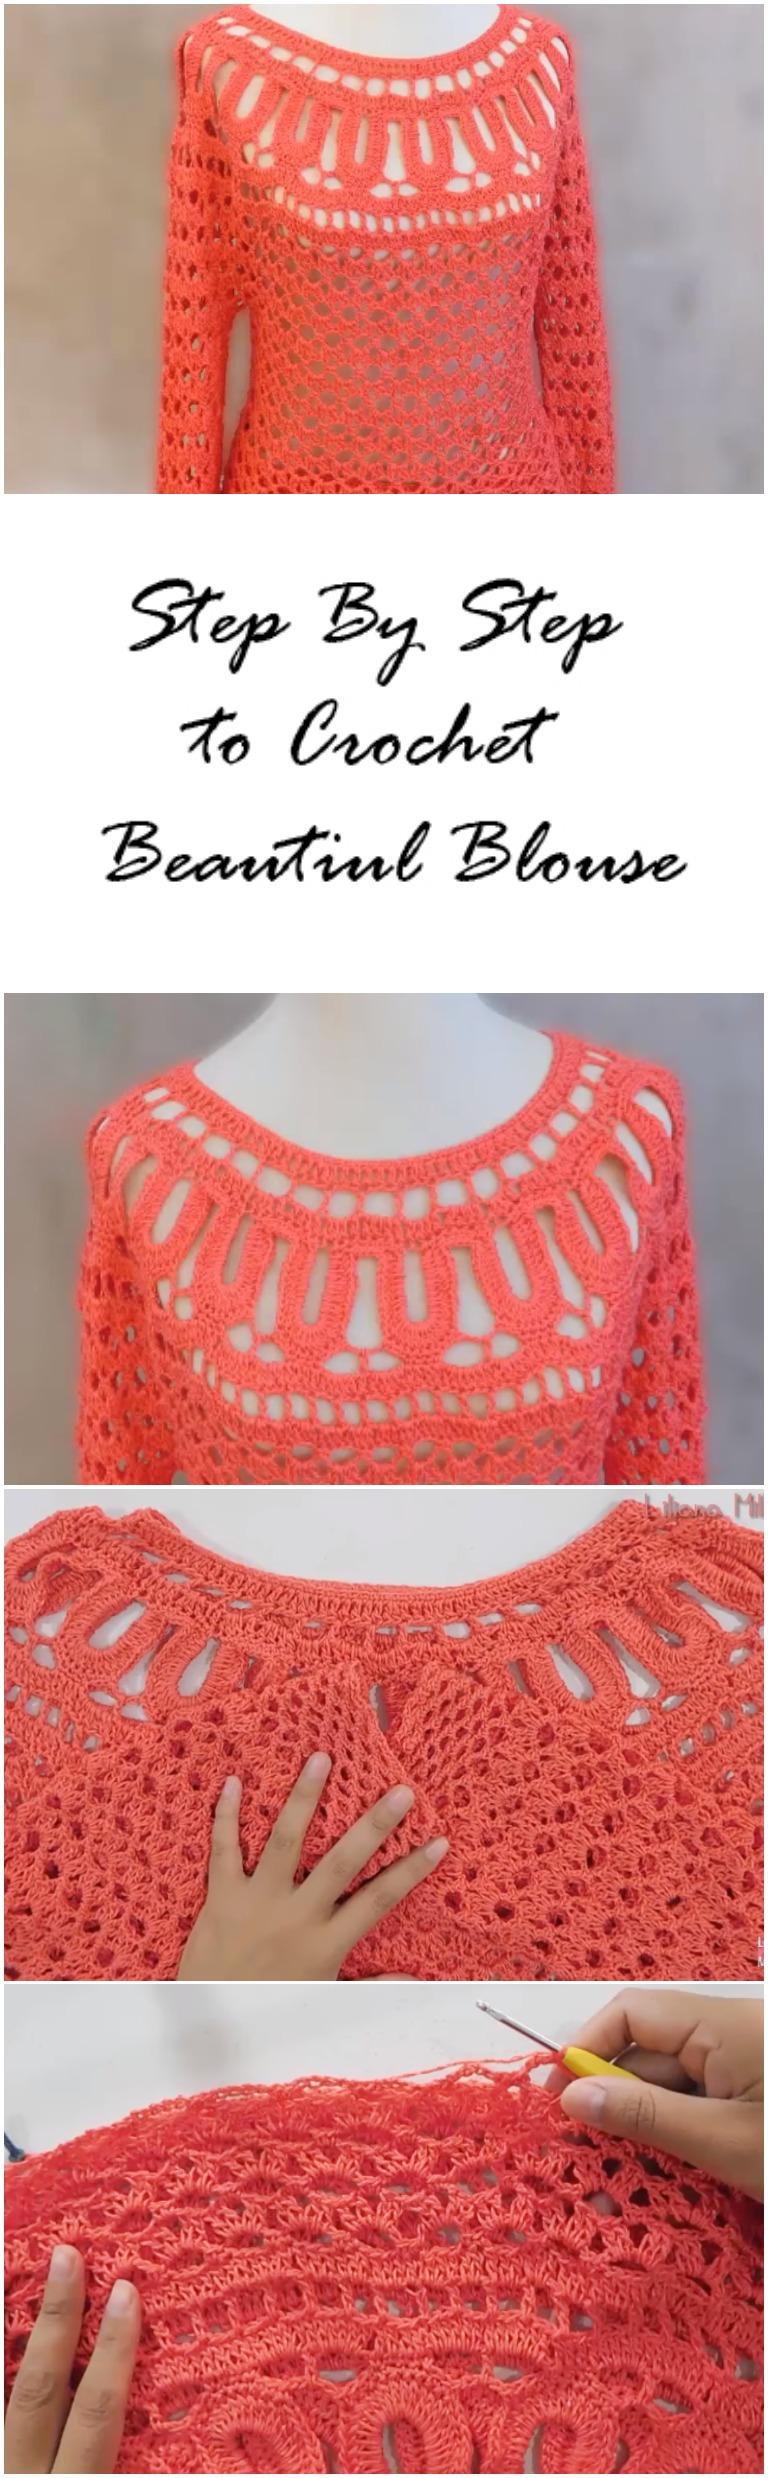 blouse beautiful